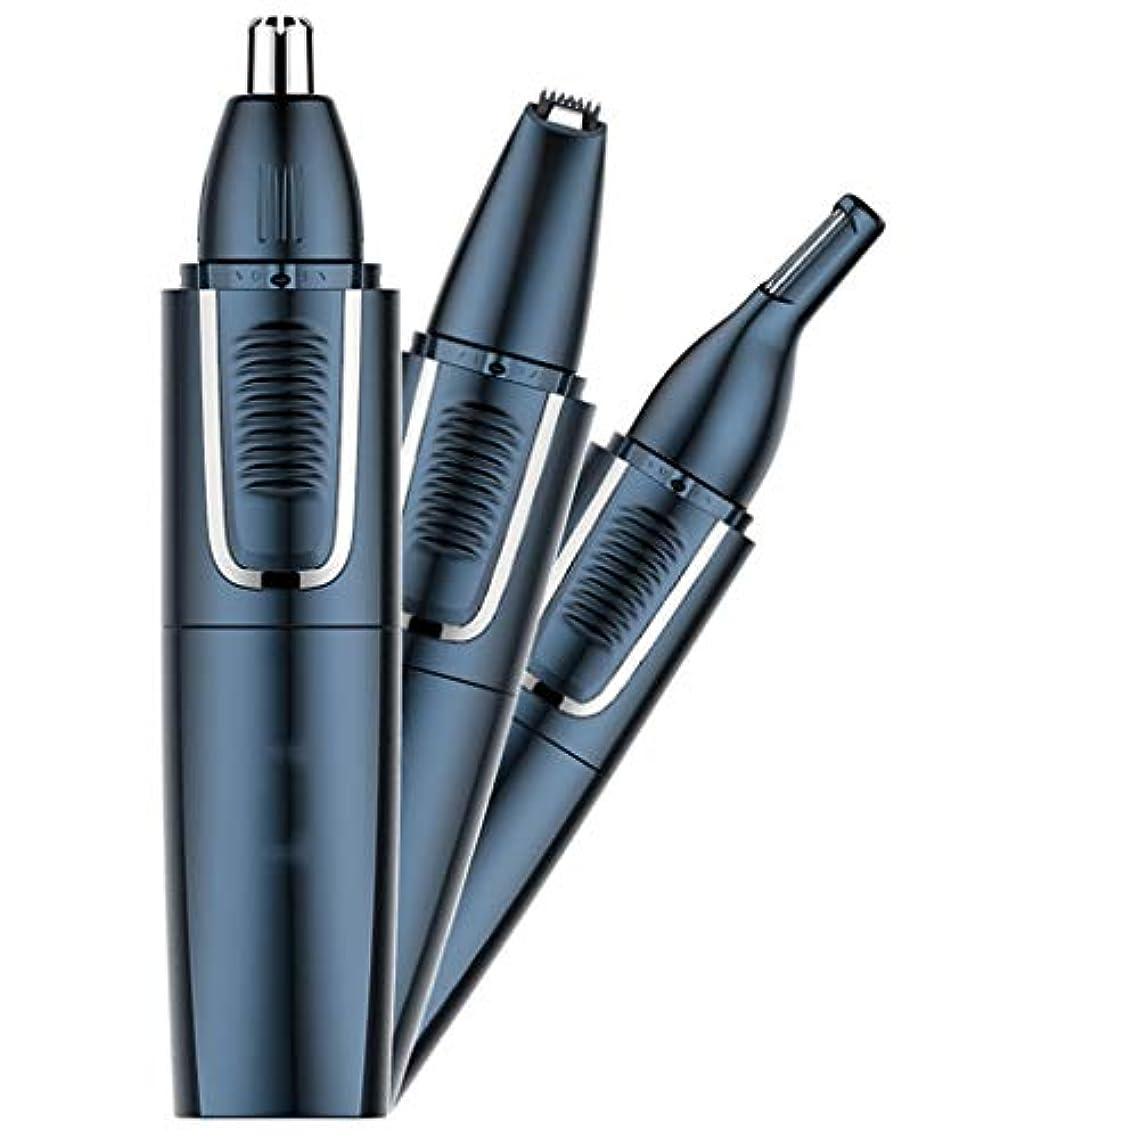 バタフライ紀元前ドループ多機能シェーバー、男性用電気鼻毛、女性用充電式眉毛シェーピングナイフ、あらゆる肌タイプに適しています